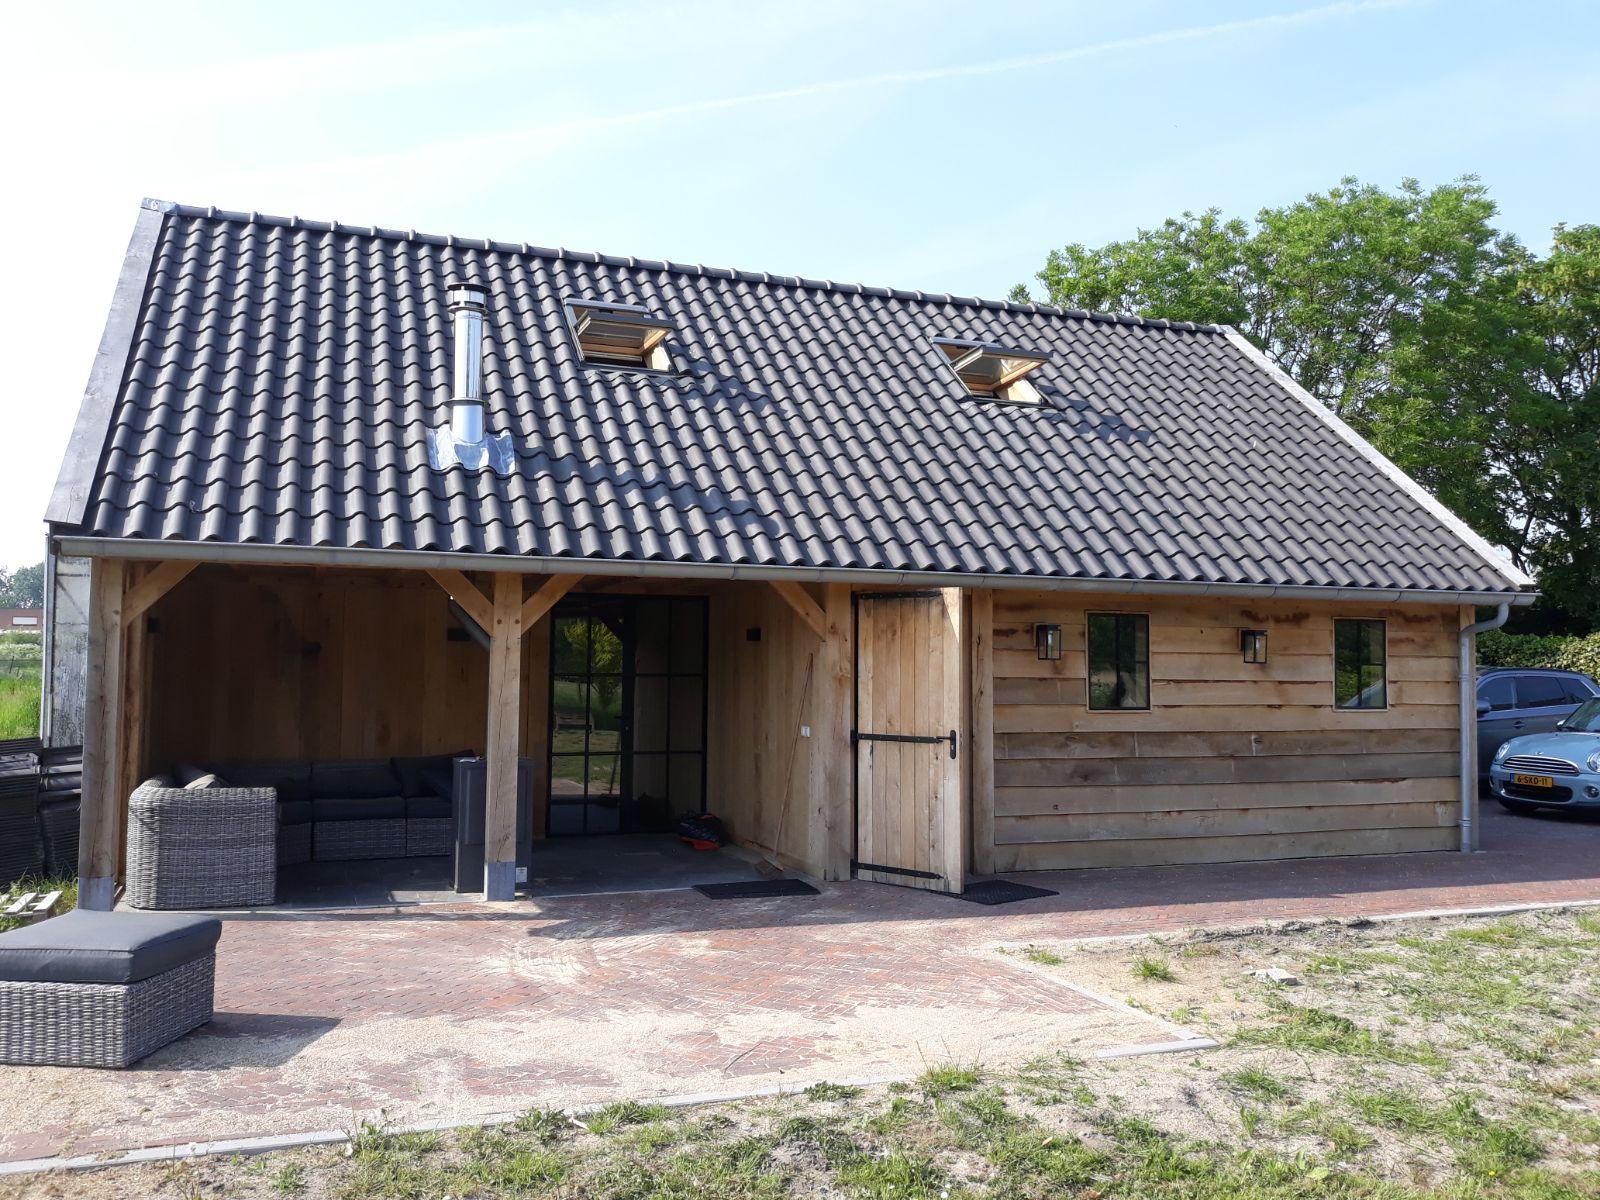 eiken-bijgebouw-4 - Project Maassluis: Eiken Recreatiewoning - Bijgebouw